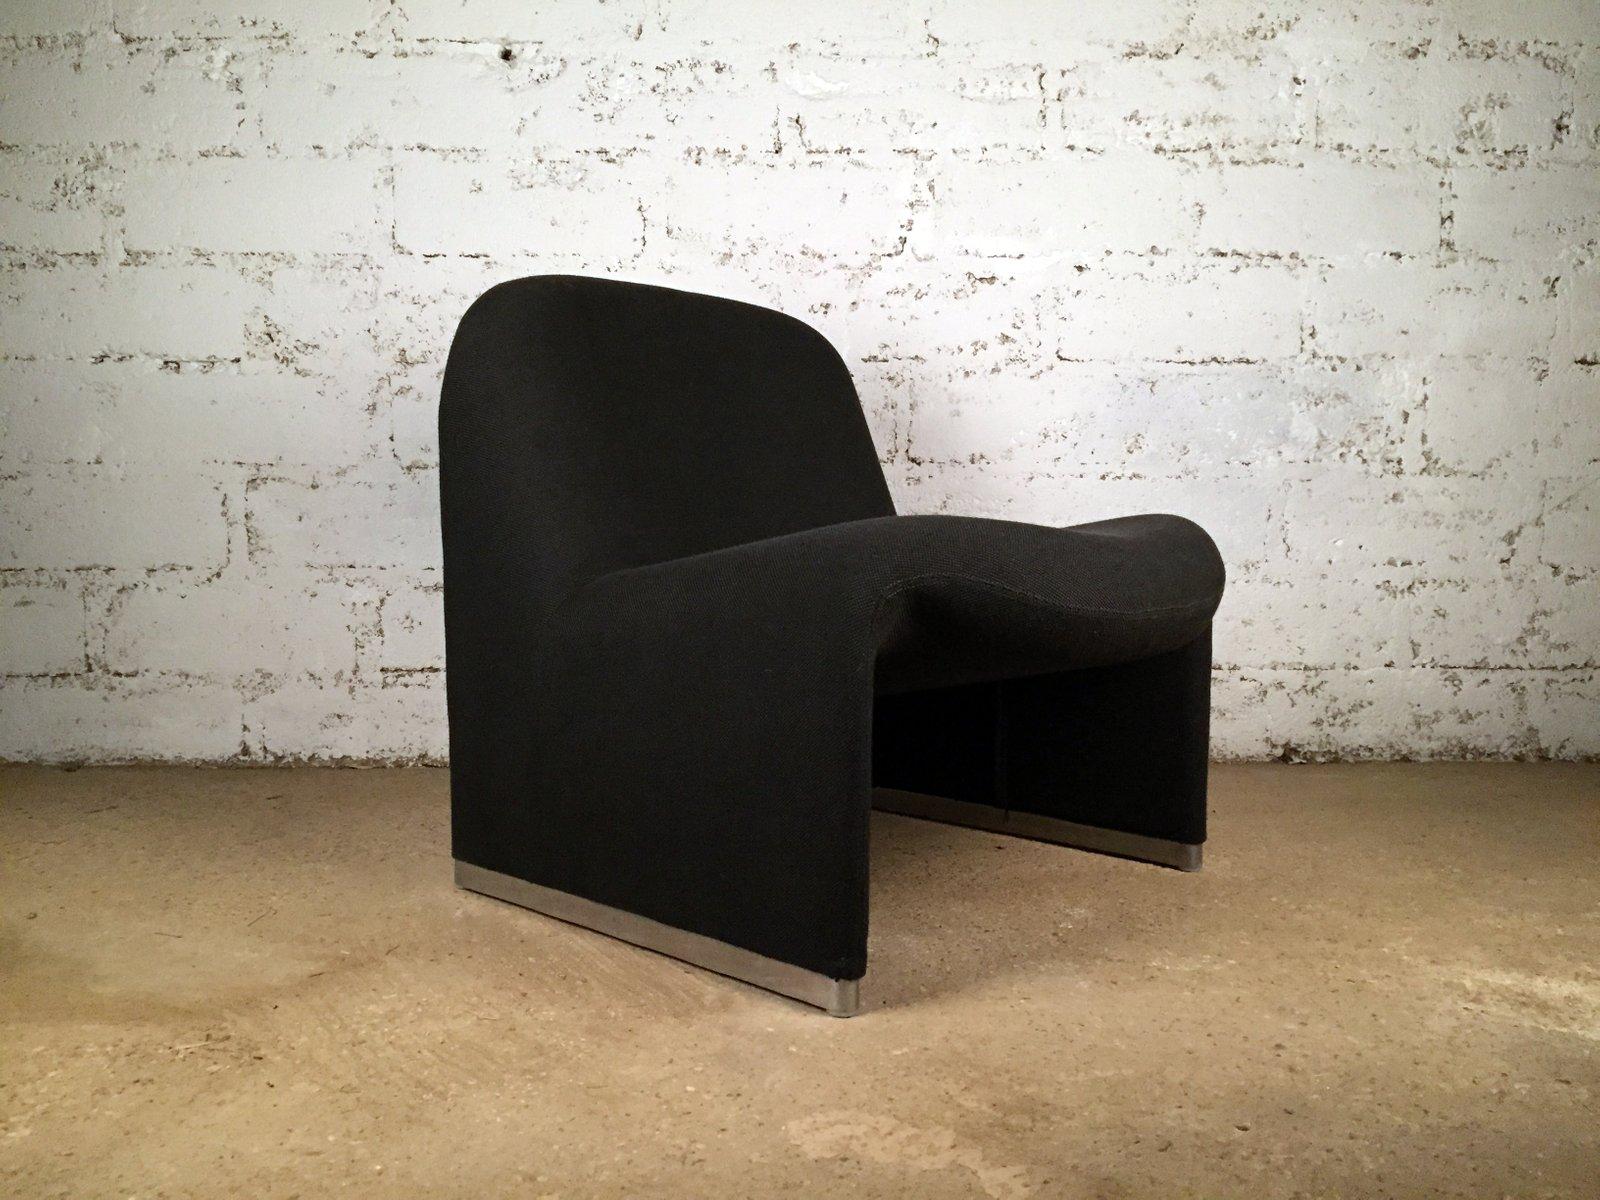 Modell Alky Sessel von Giancarlo Piretti für Castelli, 1970